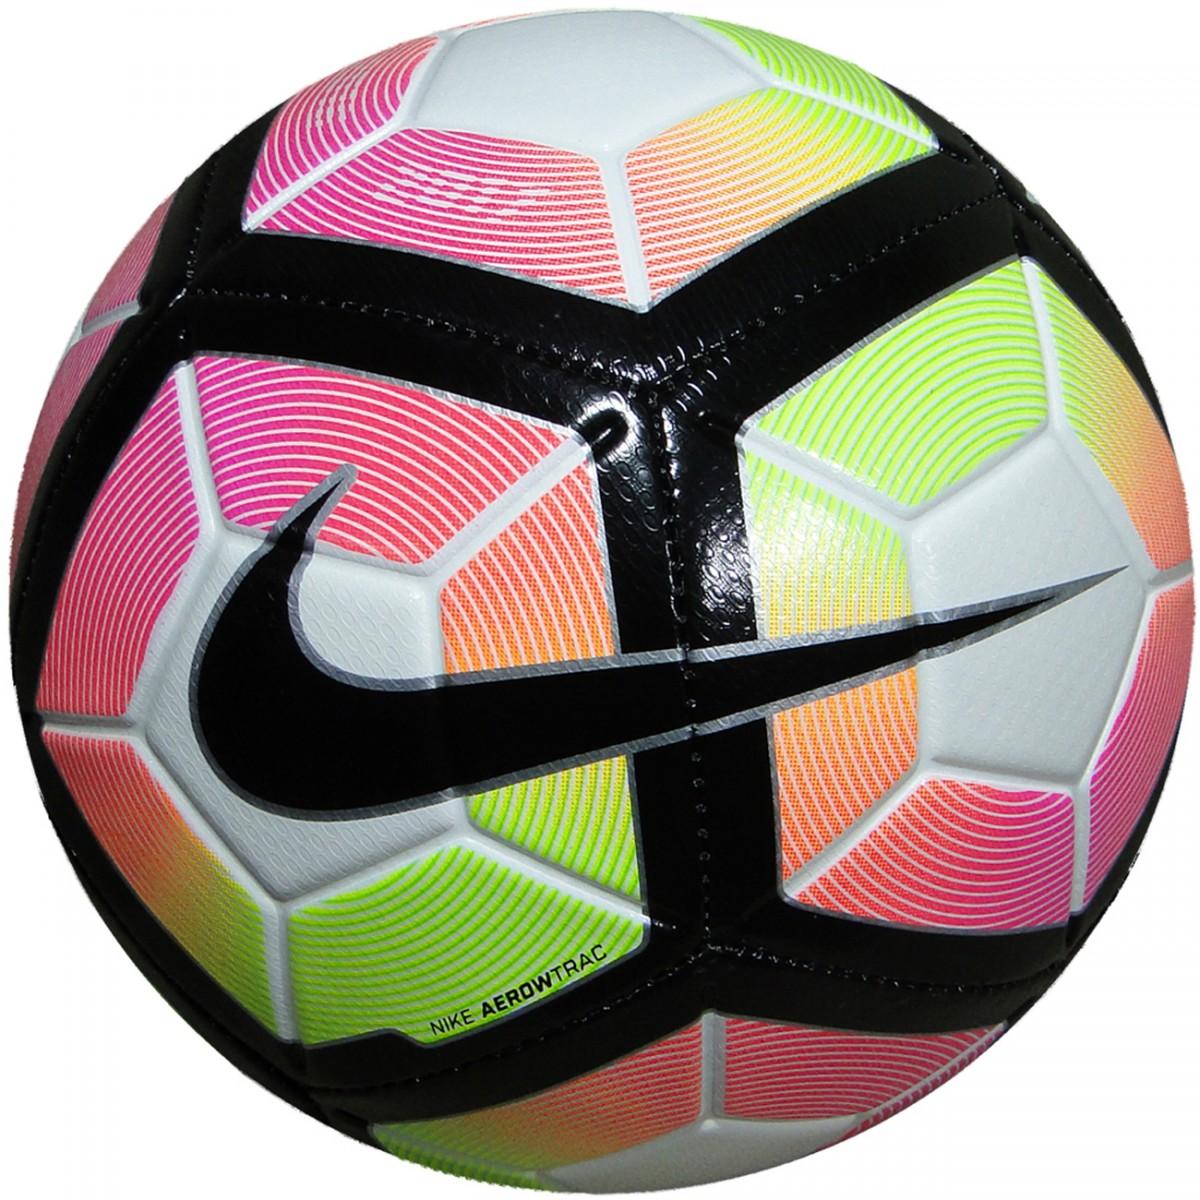 abf285c622231 Bola Nike Strike SC2983 SC2983 100 - Rosa Limão Preto - Chuteira ...